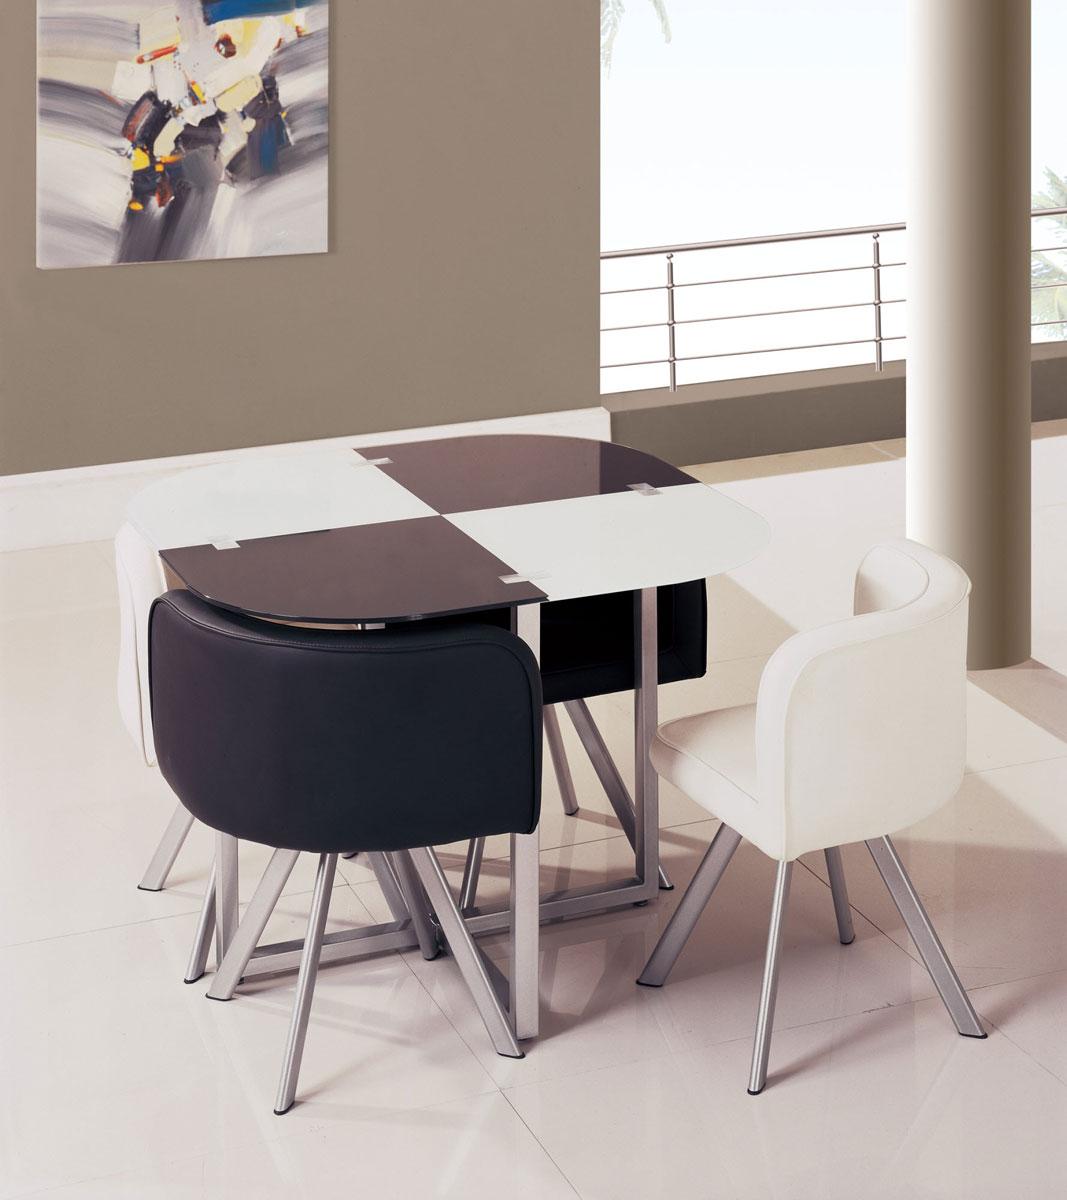 Global furniture usa dt dining set vinyl black